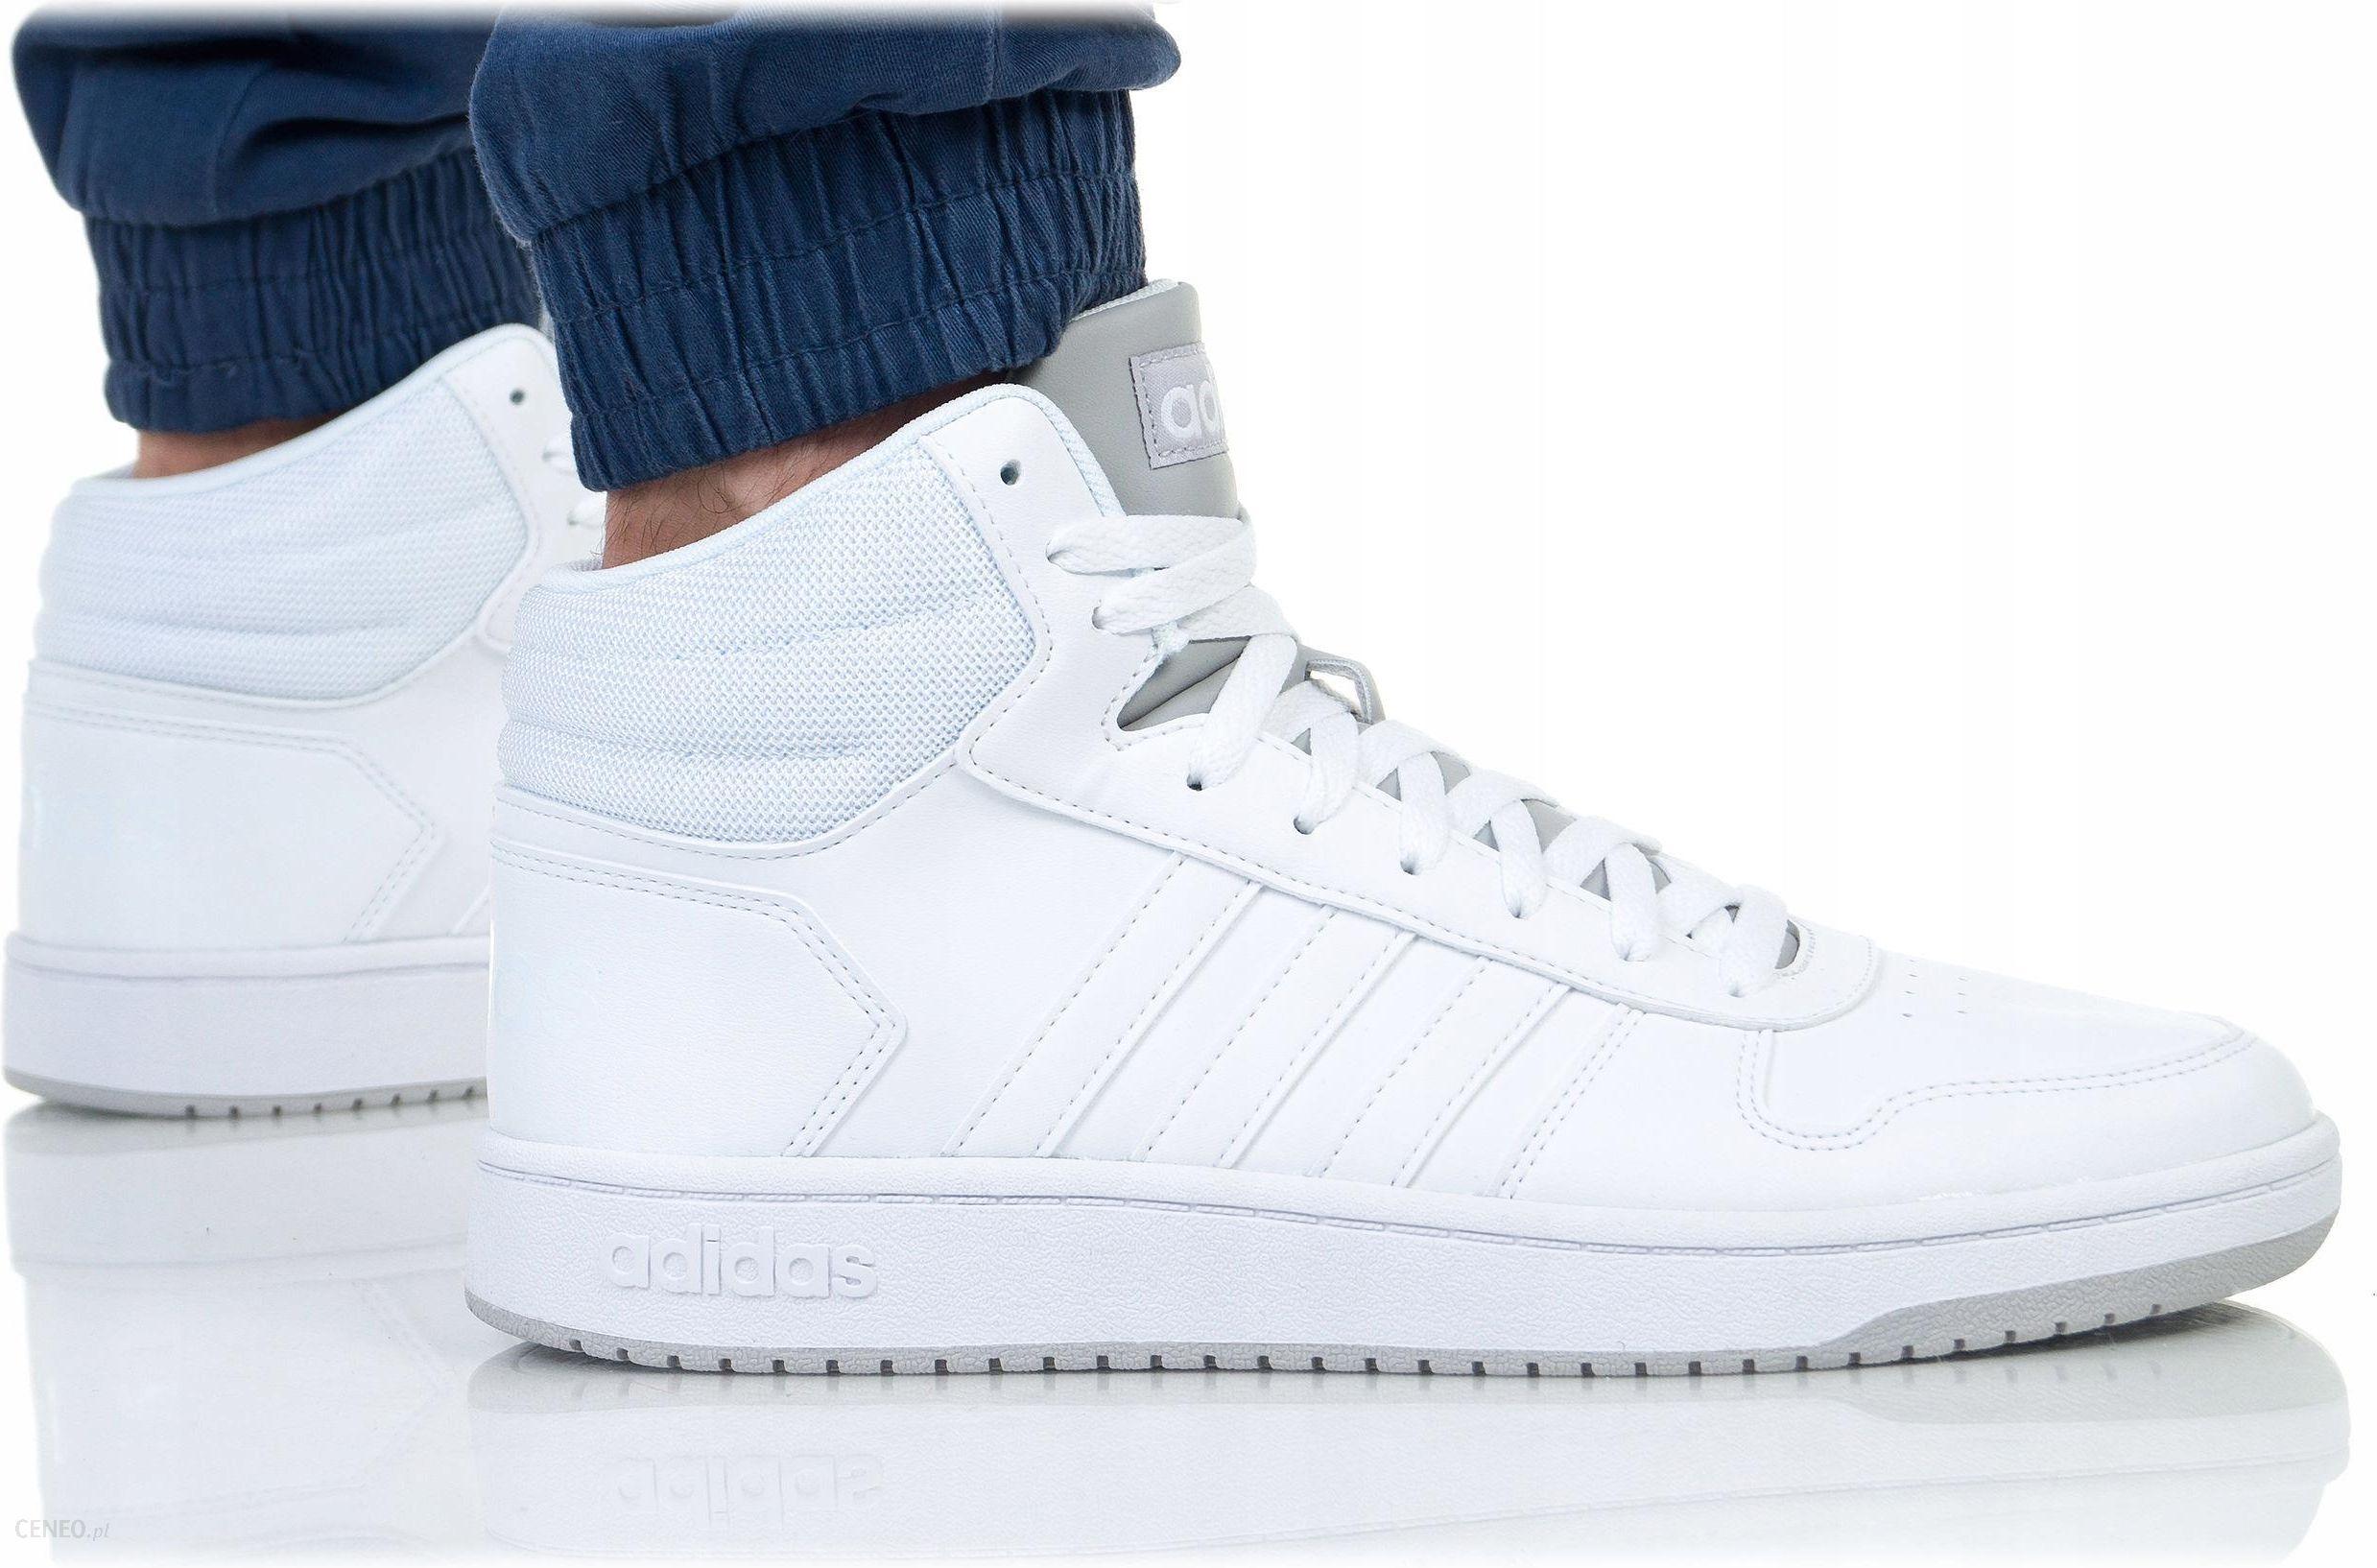 obuwie nowy haj Data wydania Buty Adidas Męskie Hoops 2.0 MID F34813 Białe